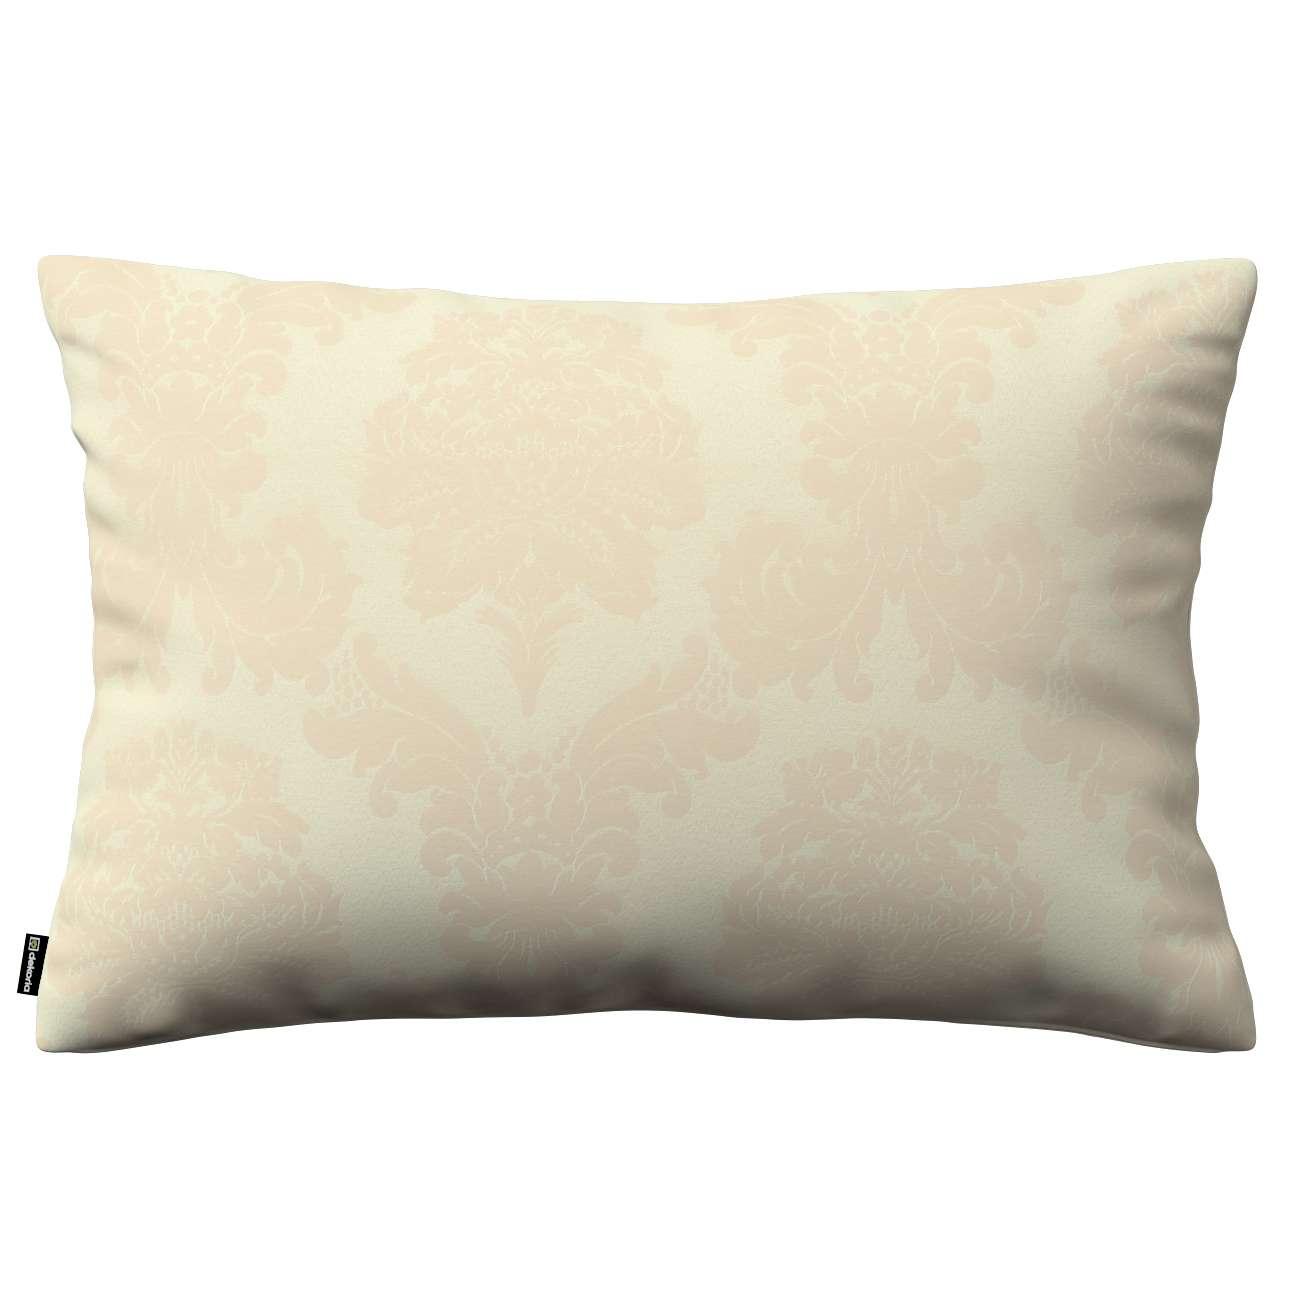 Kinga dekoratyvinės pagalvėlės užvalkalas 60x40cm 60x40cm kolekcijoje Damasco, audinys: 613-01